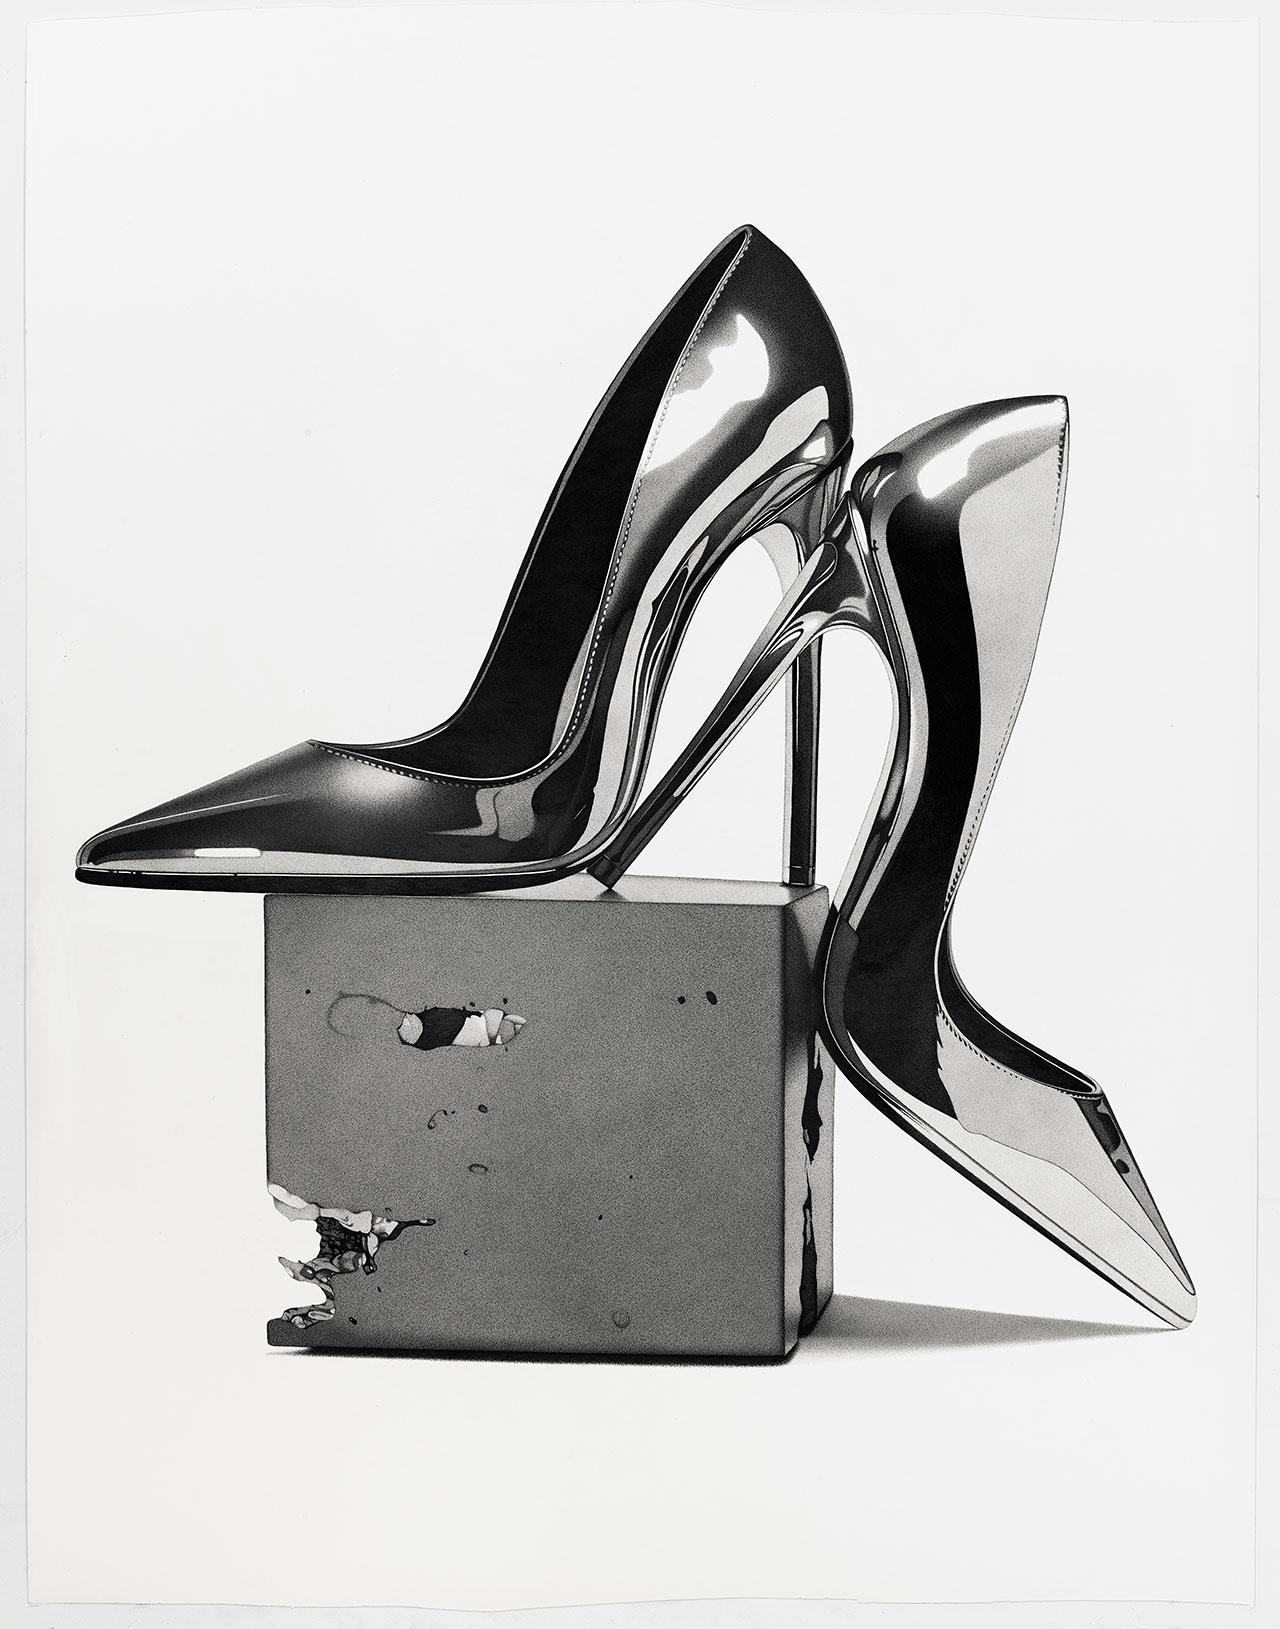 cjh_trophyroompt1_heels_092616_0481_01